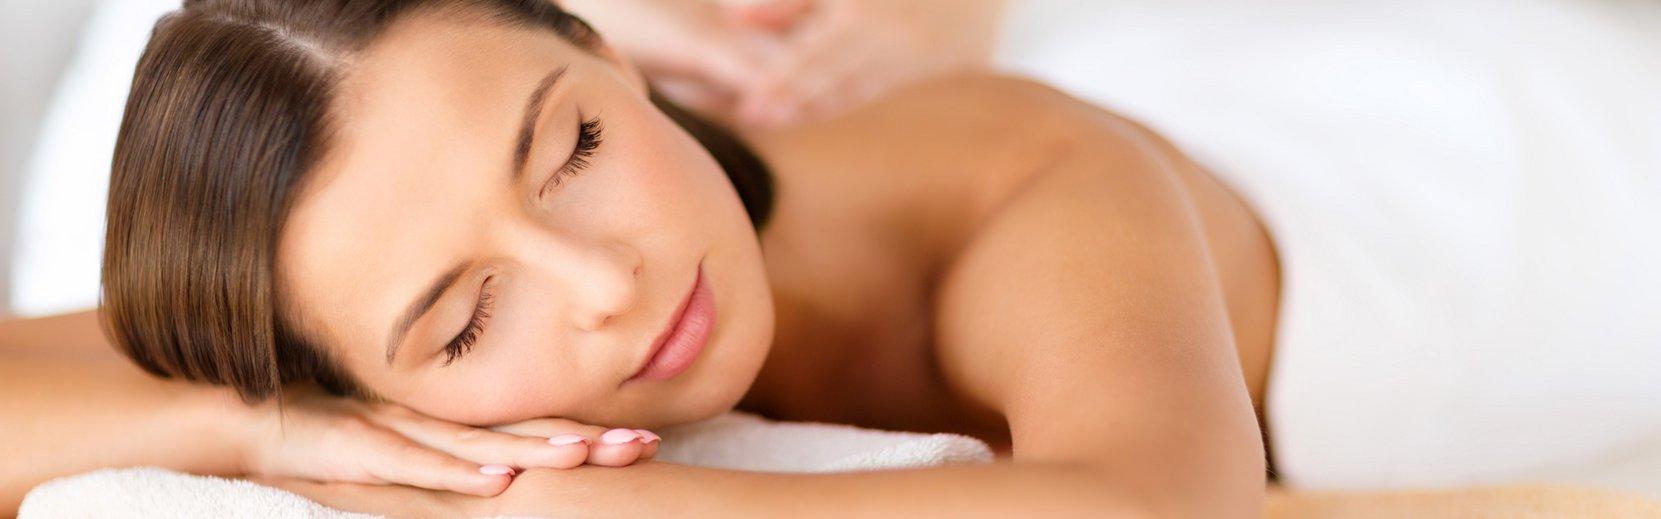 Dame entspannt bei einer Massage Anwendung